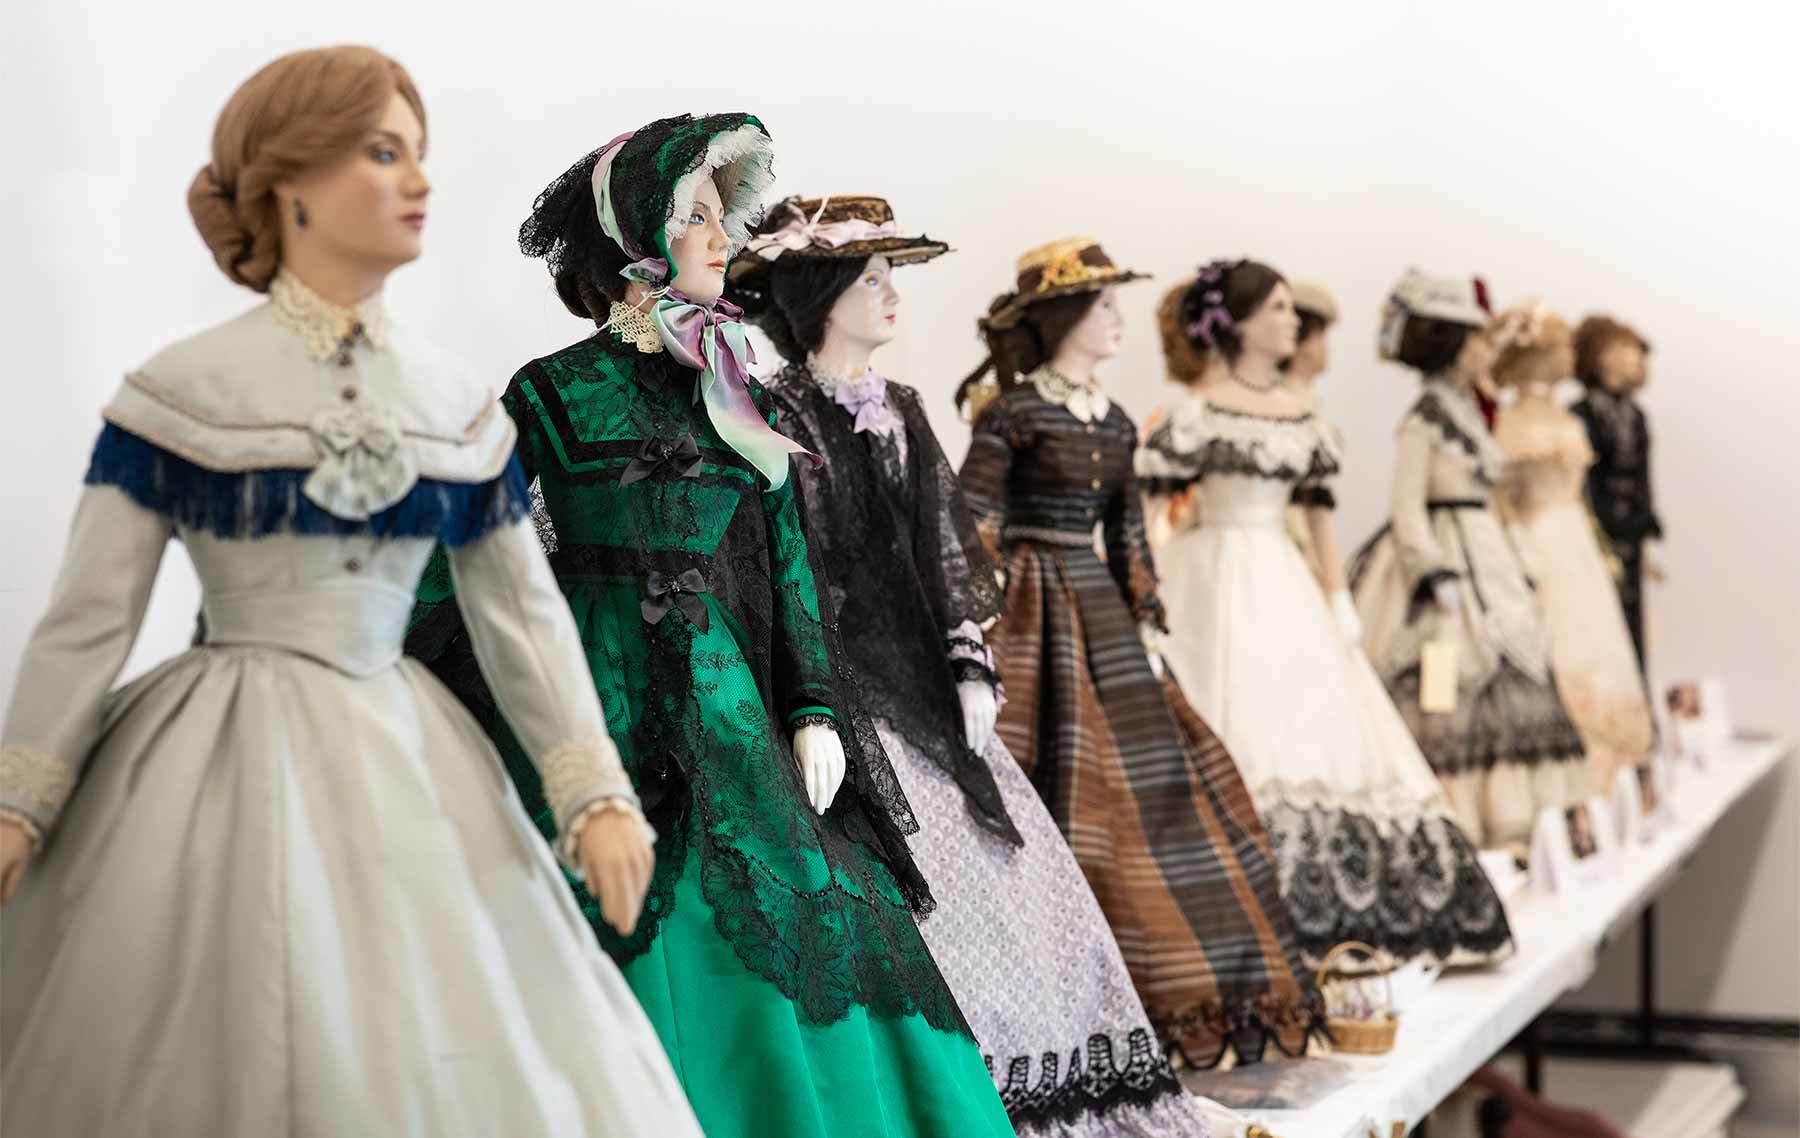 John Burbidge dolls